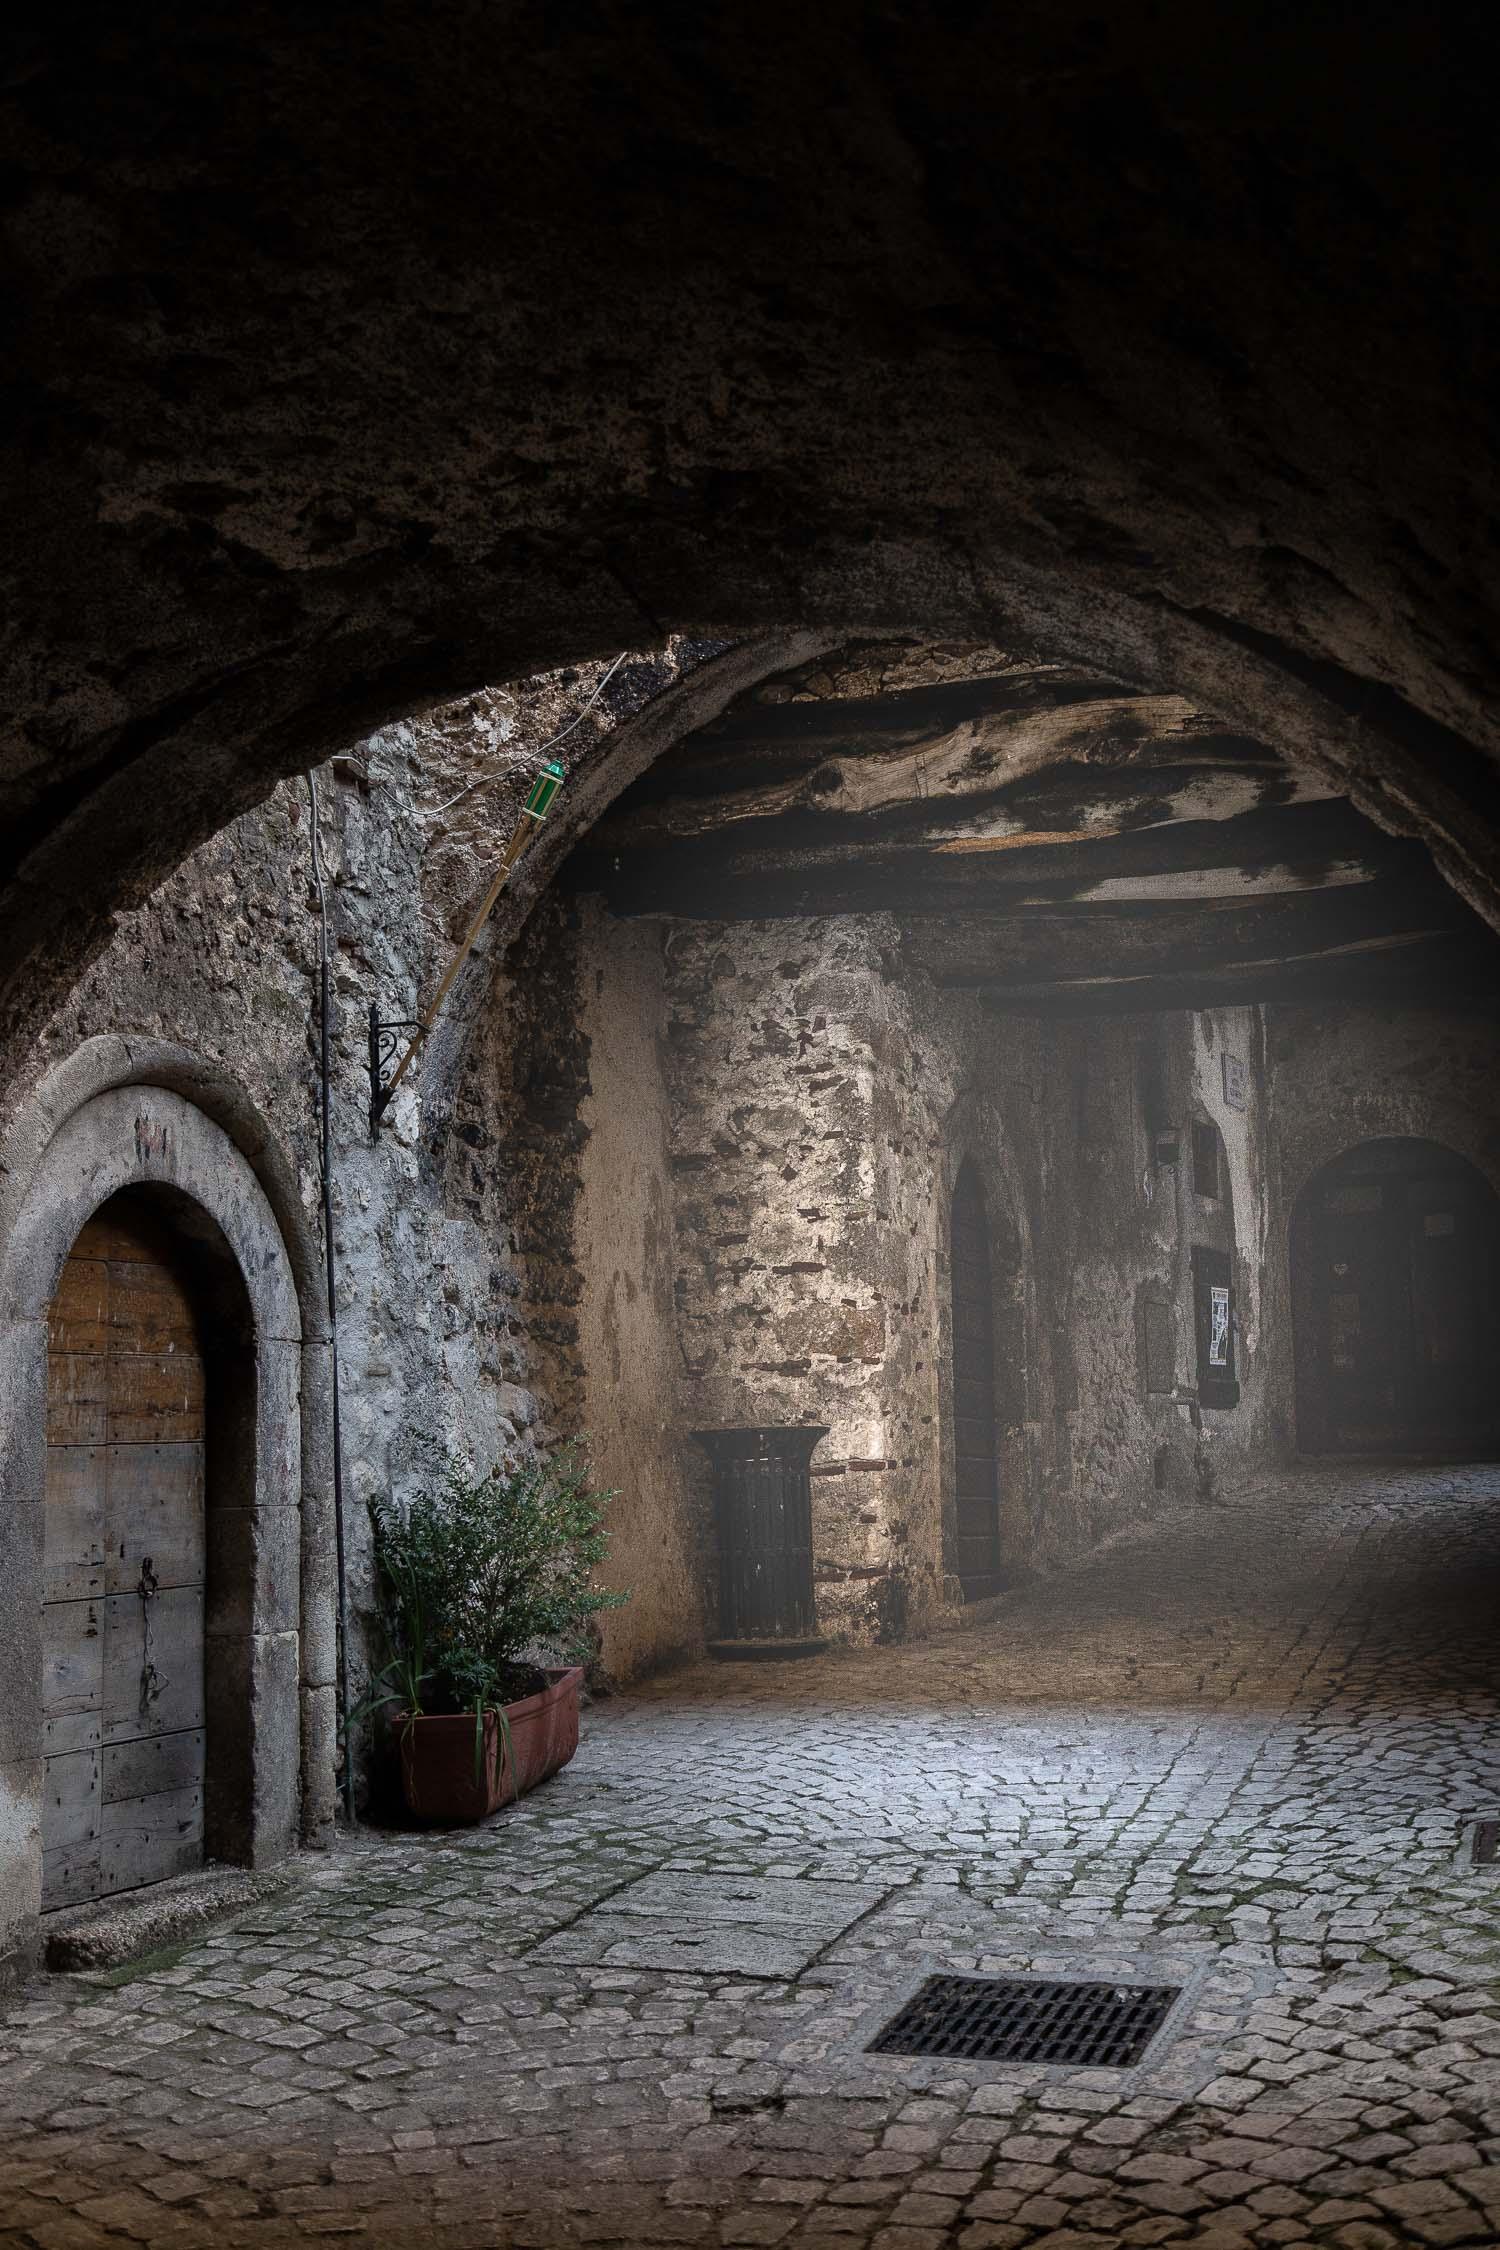 Santo-Stefano-di-Sessanio-streets-Abruzzo-5655.jpg